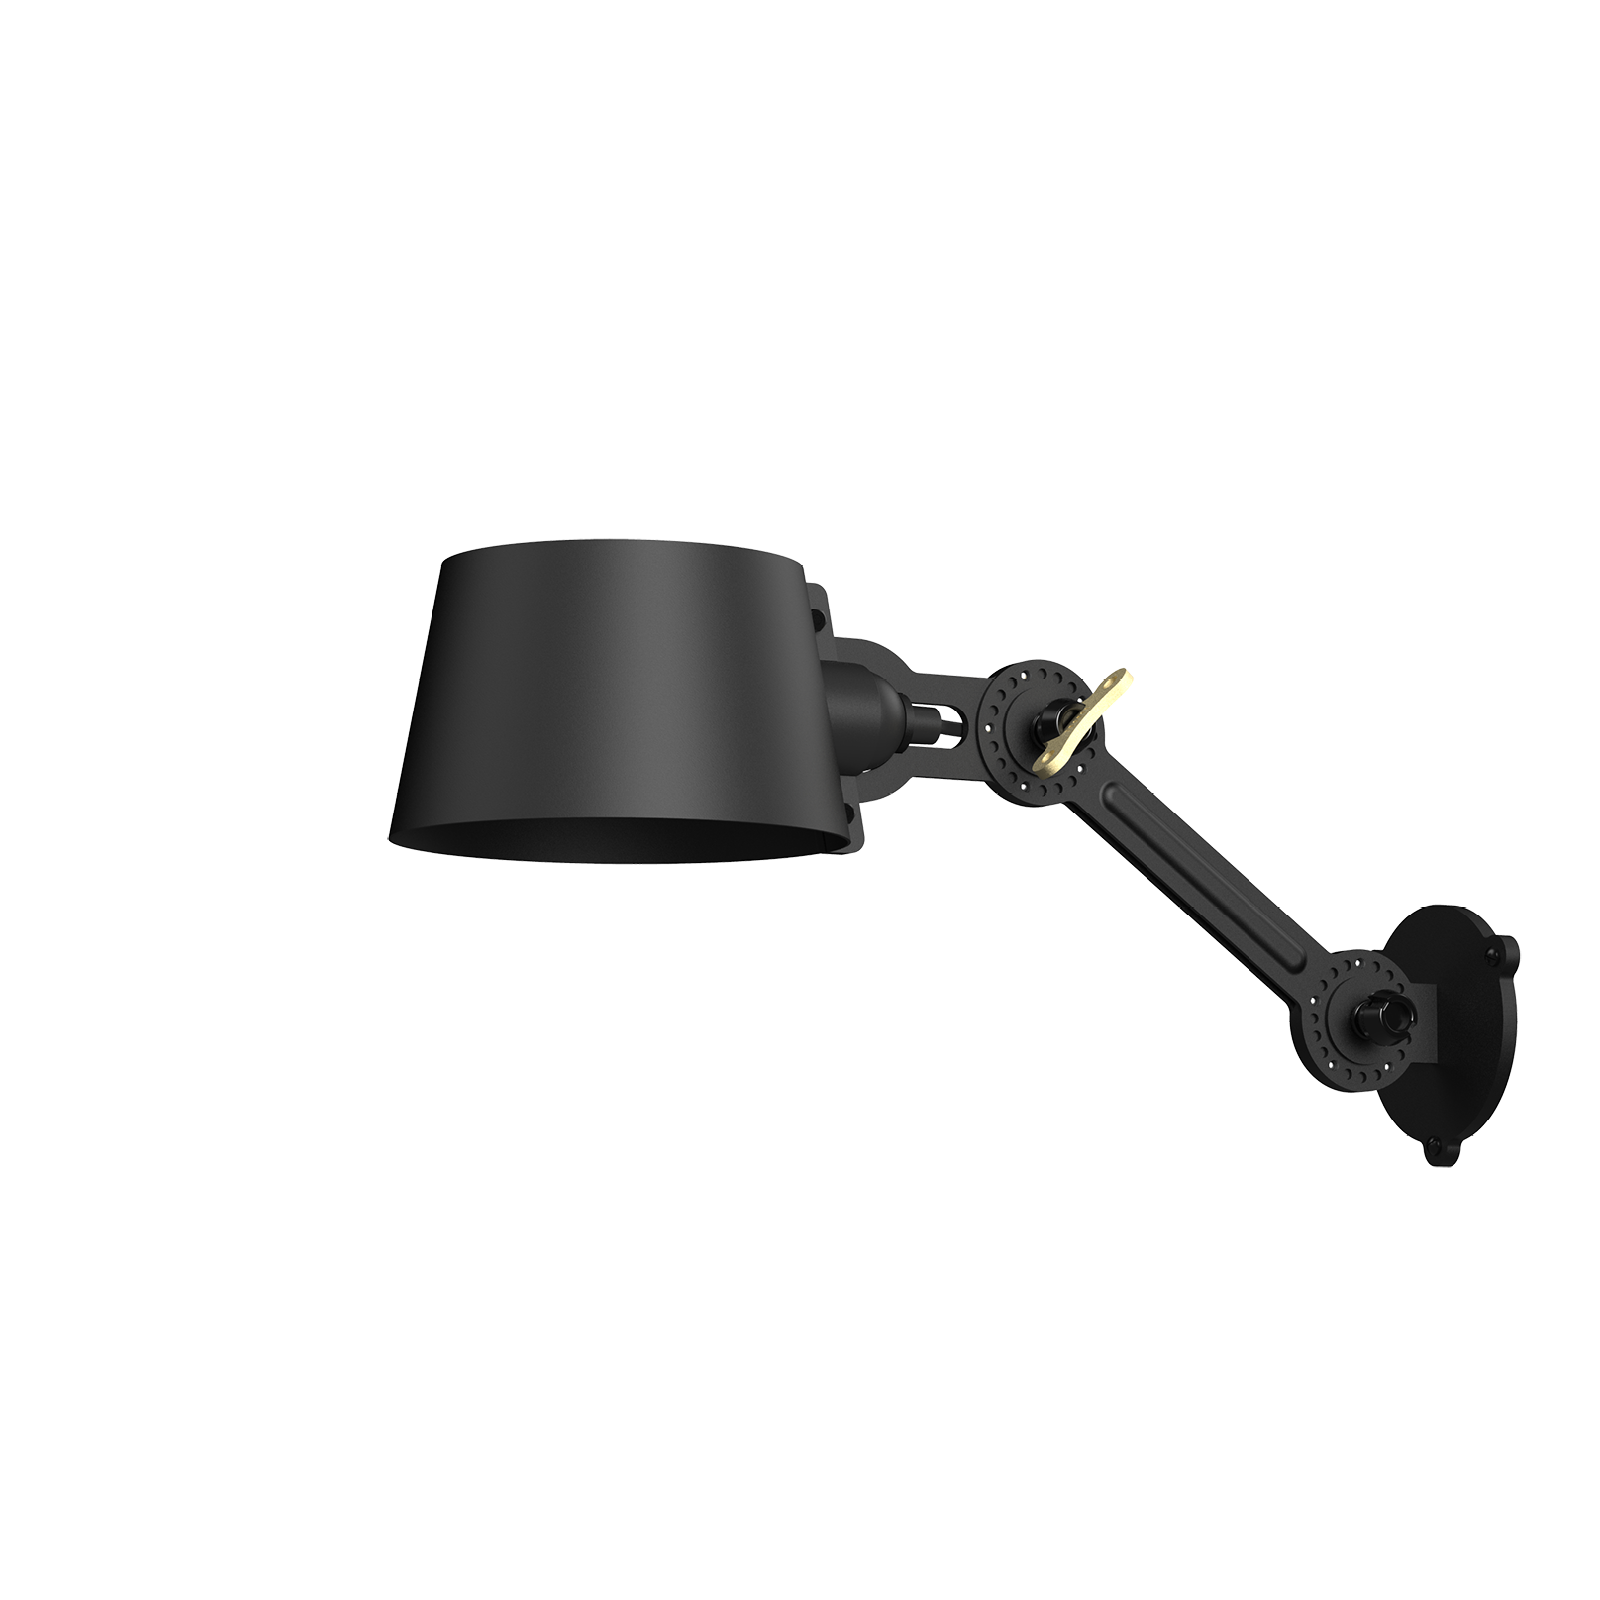 Bolt Wall Sidefit Small-1